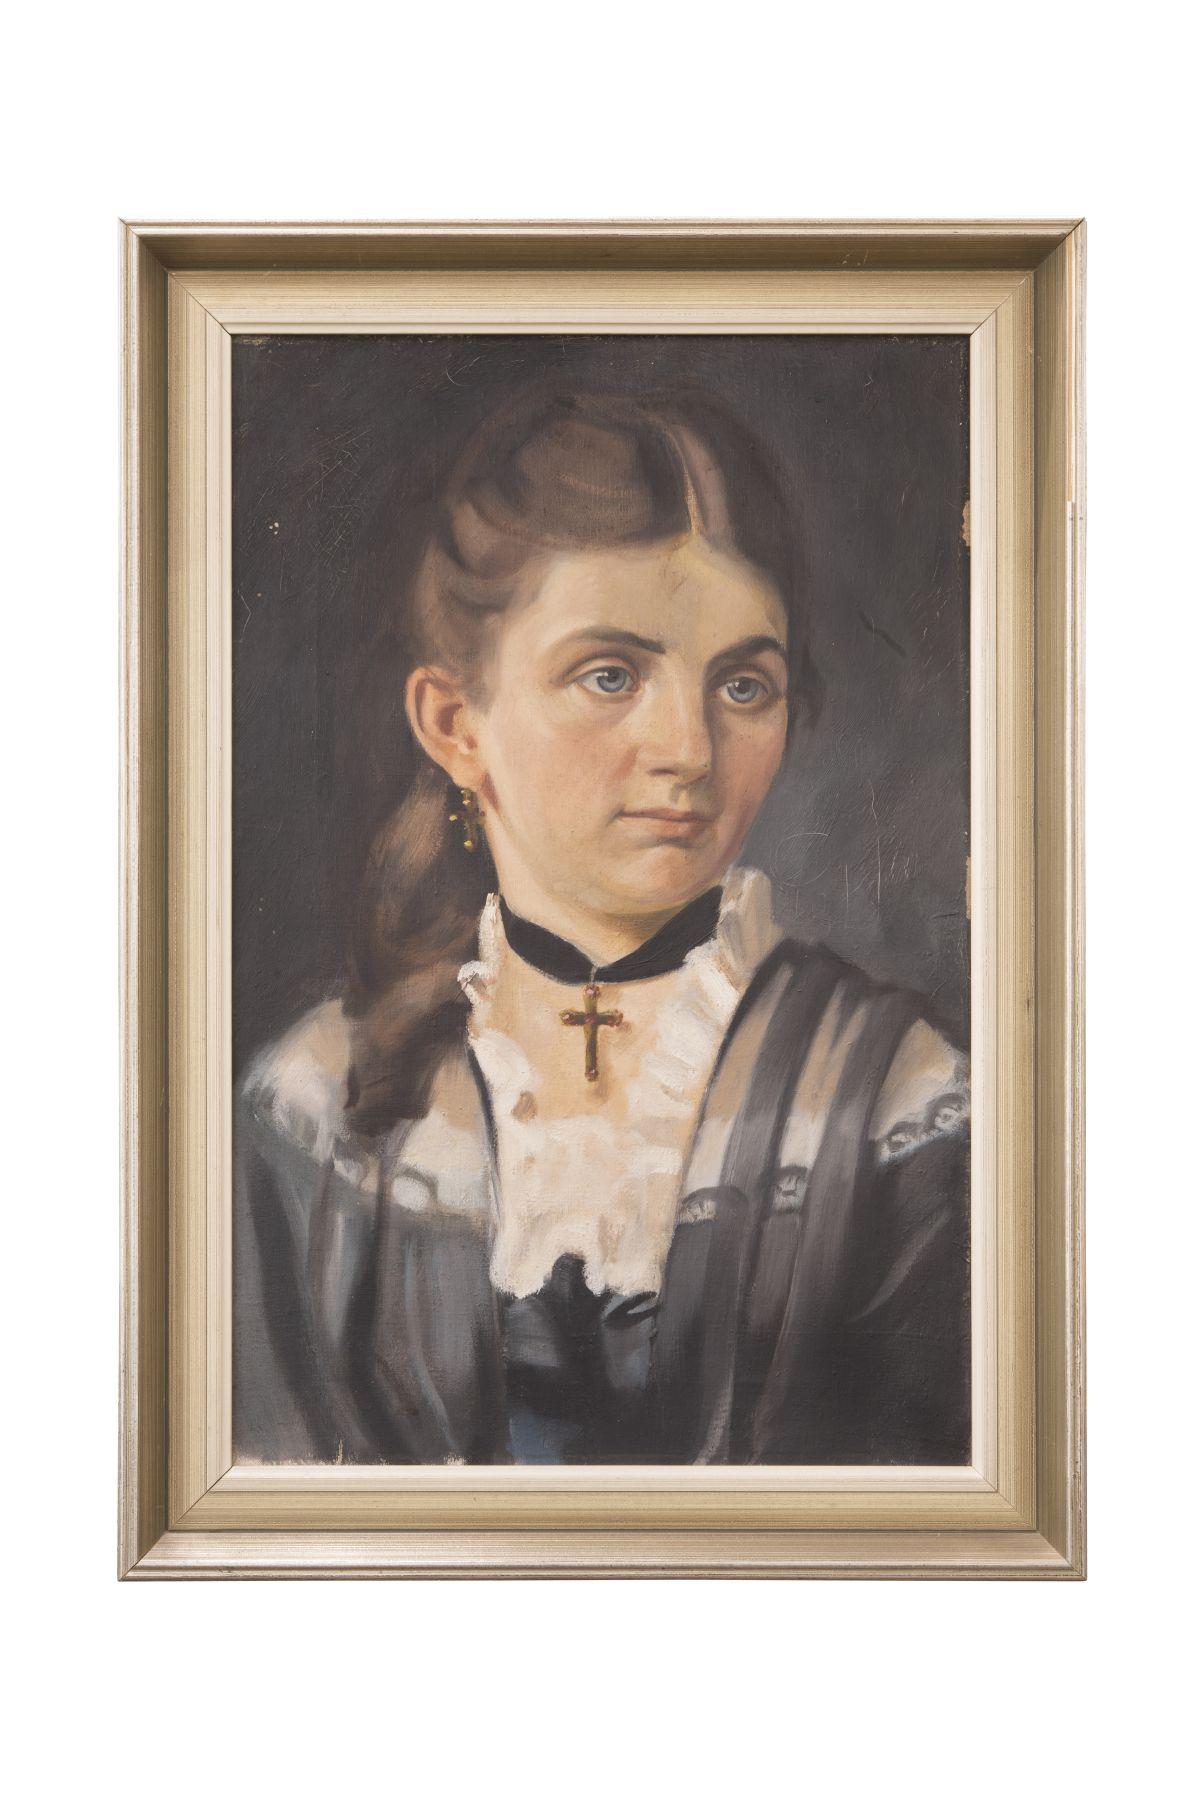 #179 Portrait of a woman | Frauenporträt Image